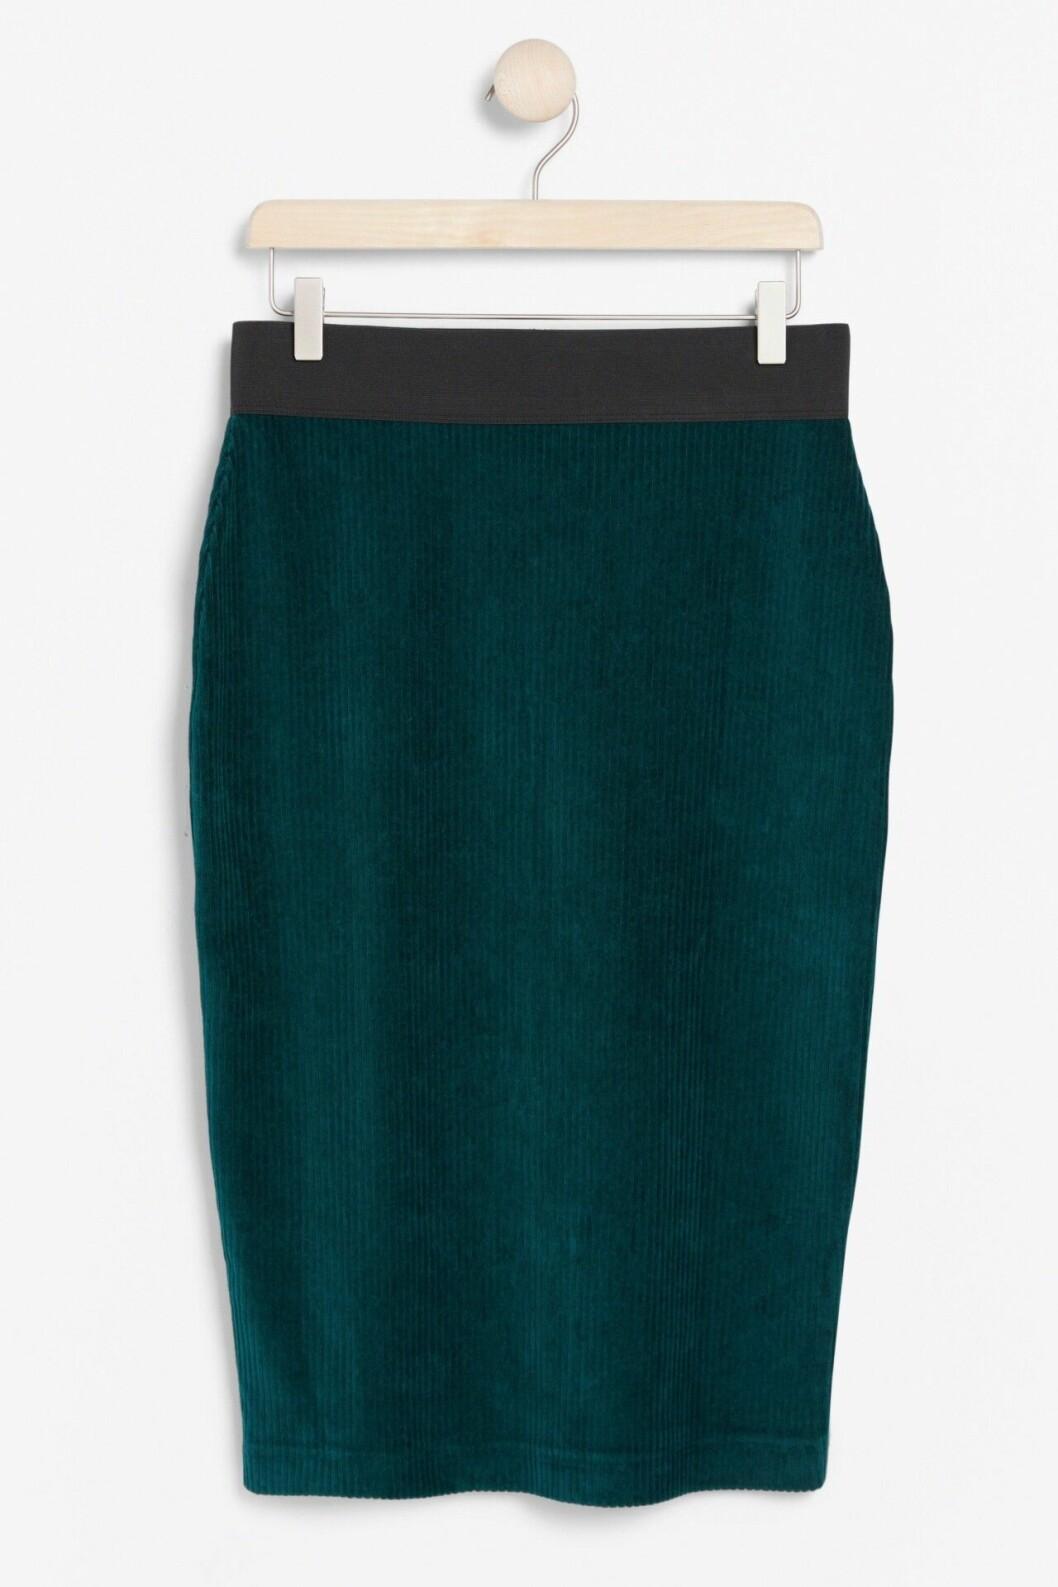 Matchande set: Grön kjol i manchester